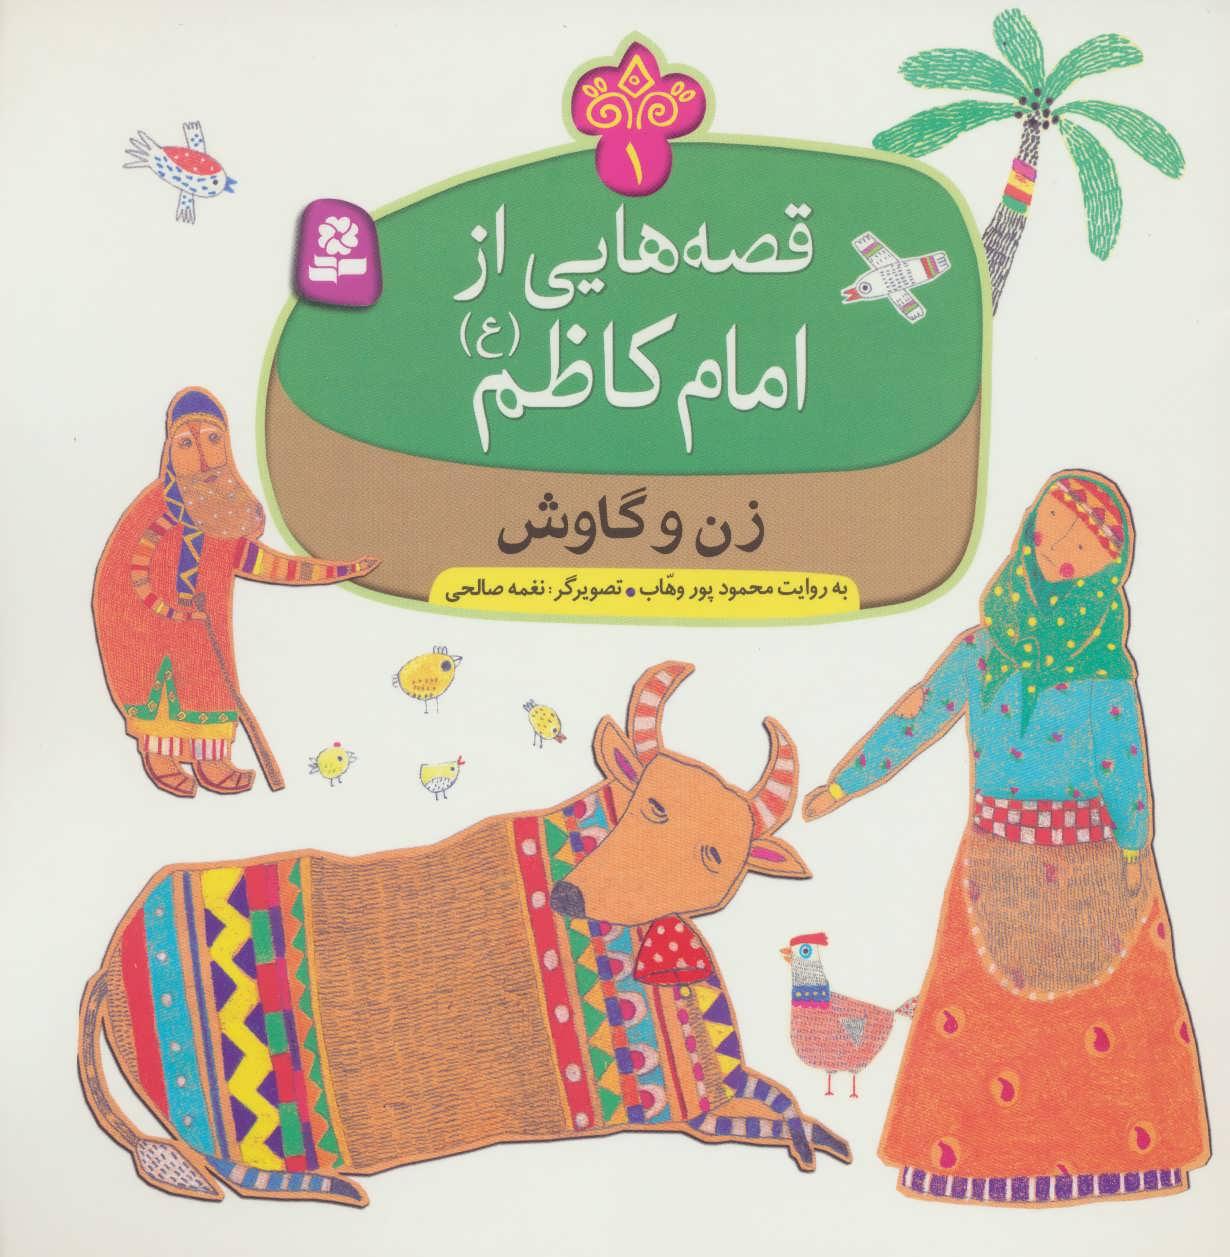 قصه هایی از امام کاظم (ع) 1 (زن و گاوش)،(گلاسه)